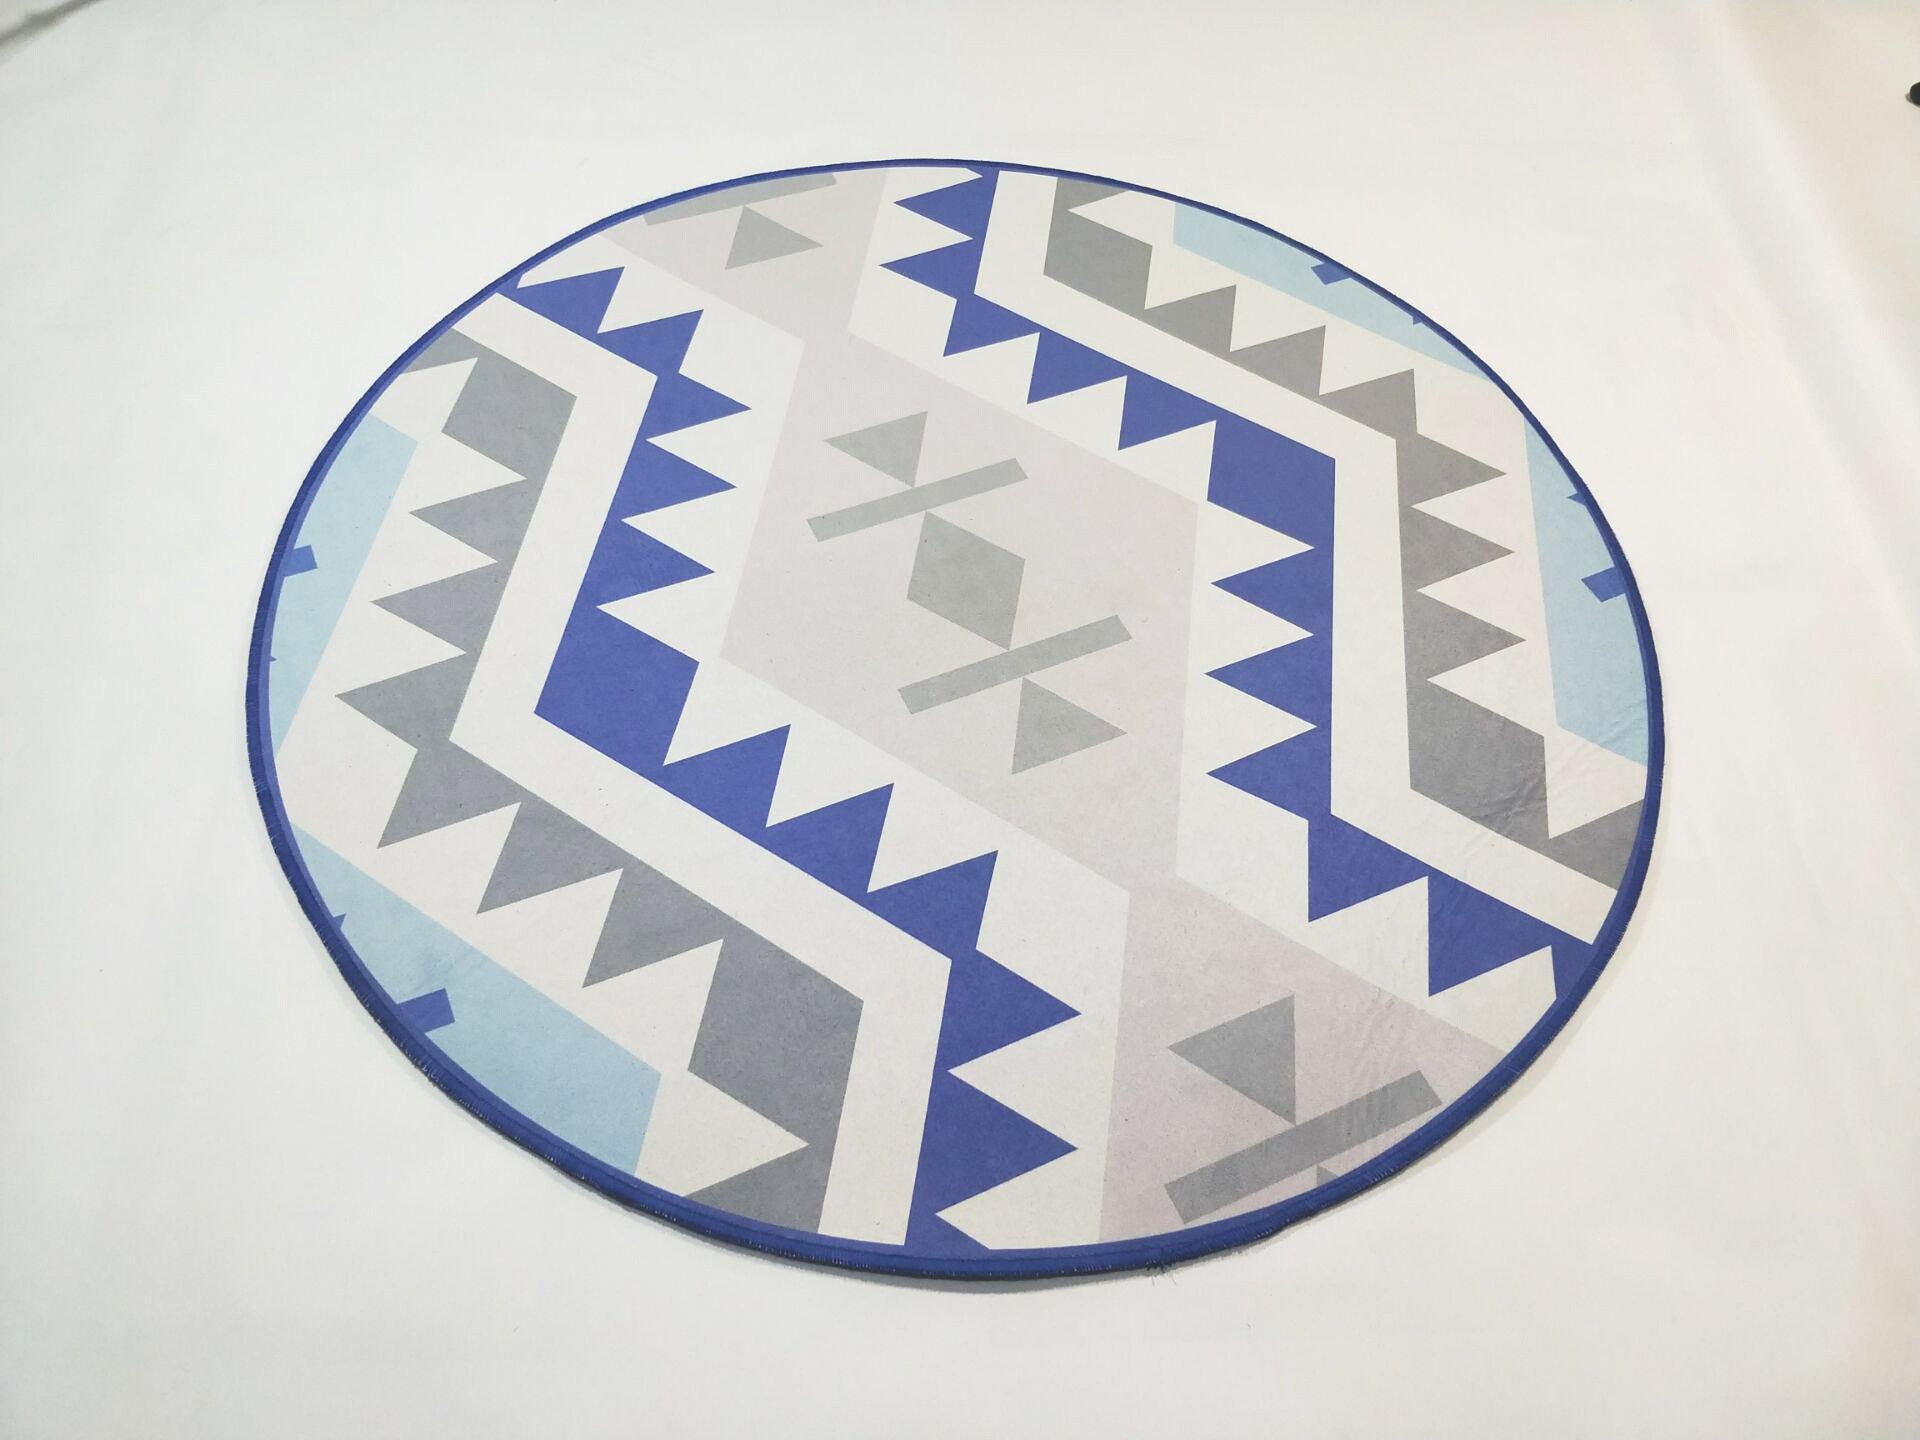 Großer Runder Teppich <br> Nordic Design Blau und Grau